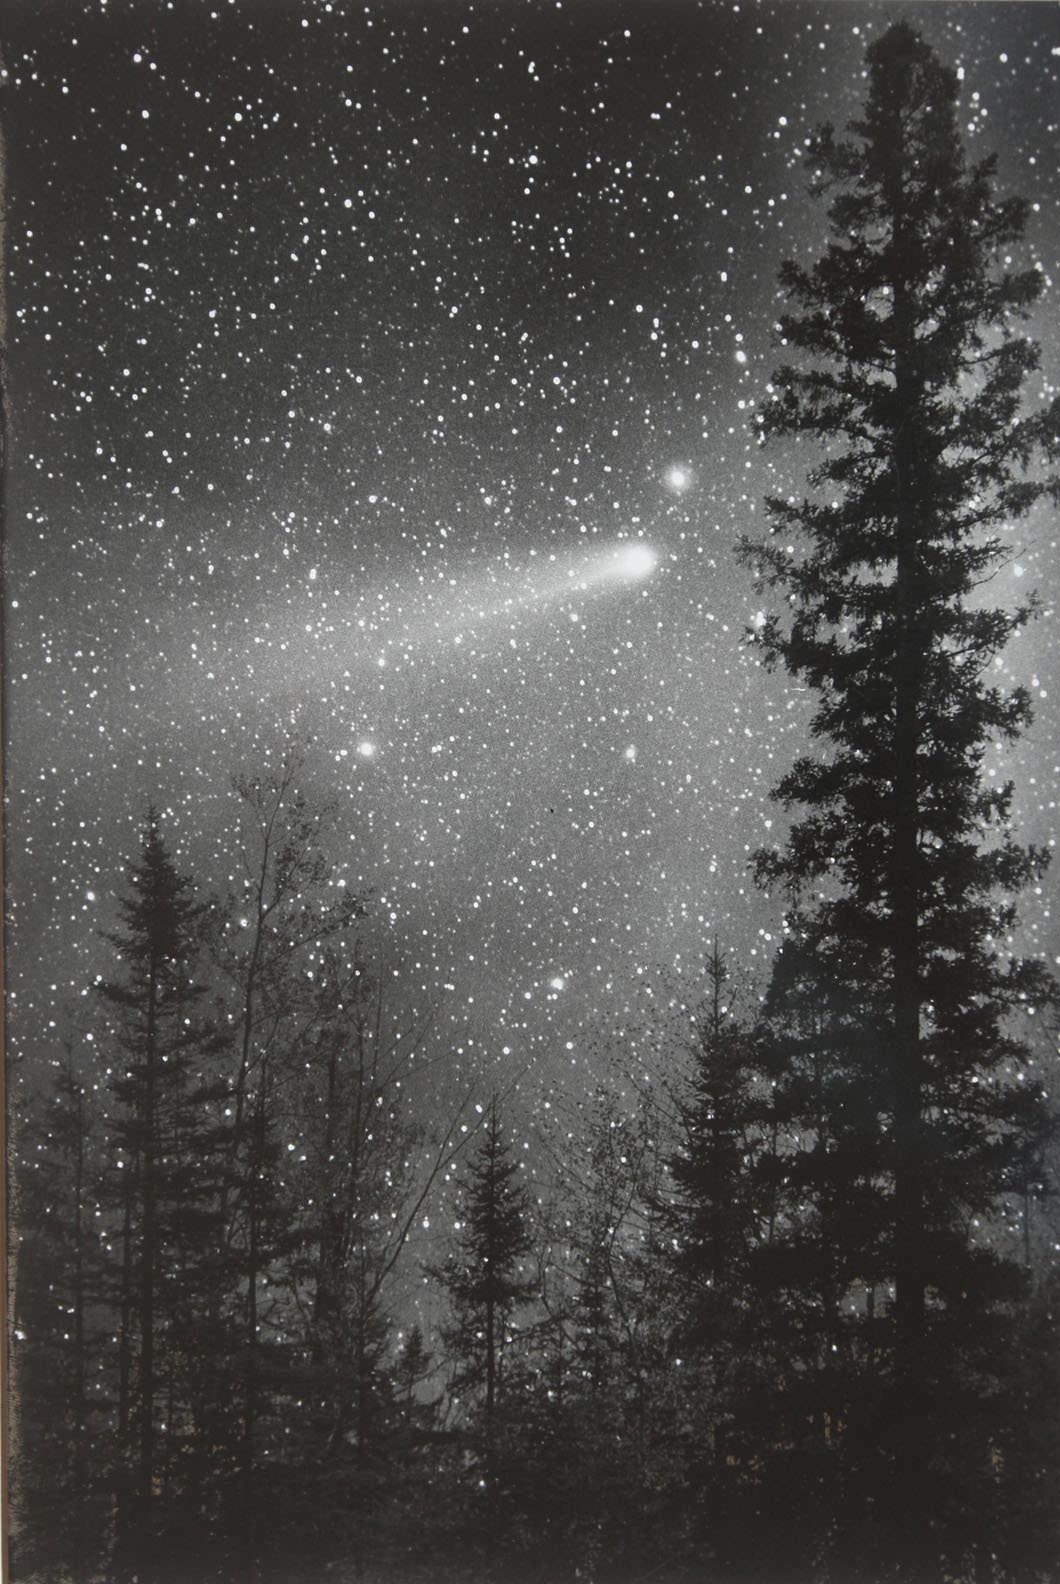 Revisit Halley S Comet